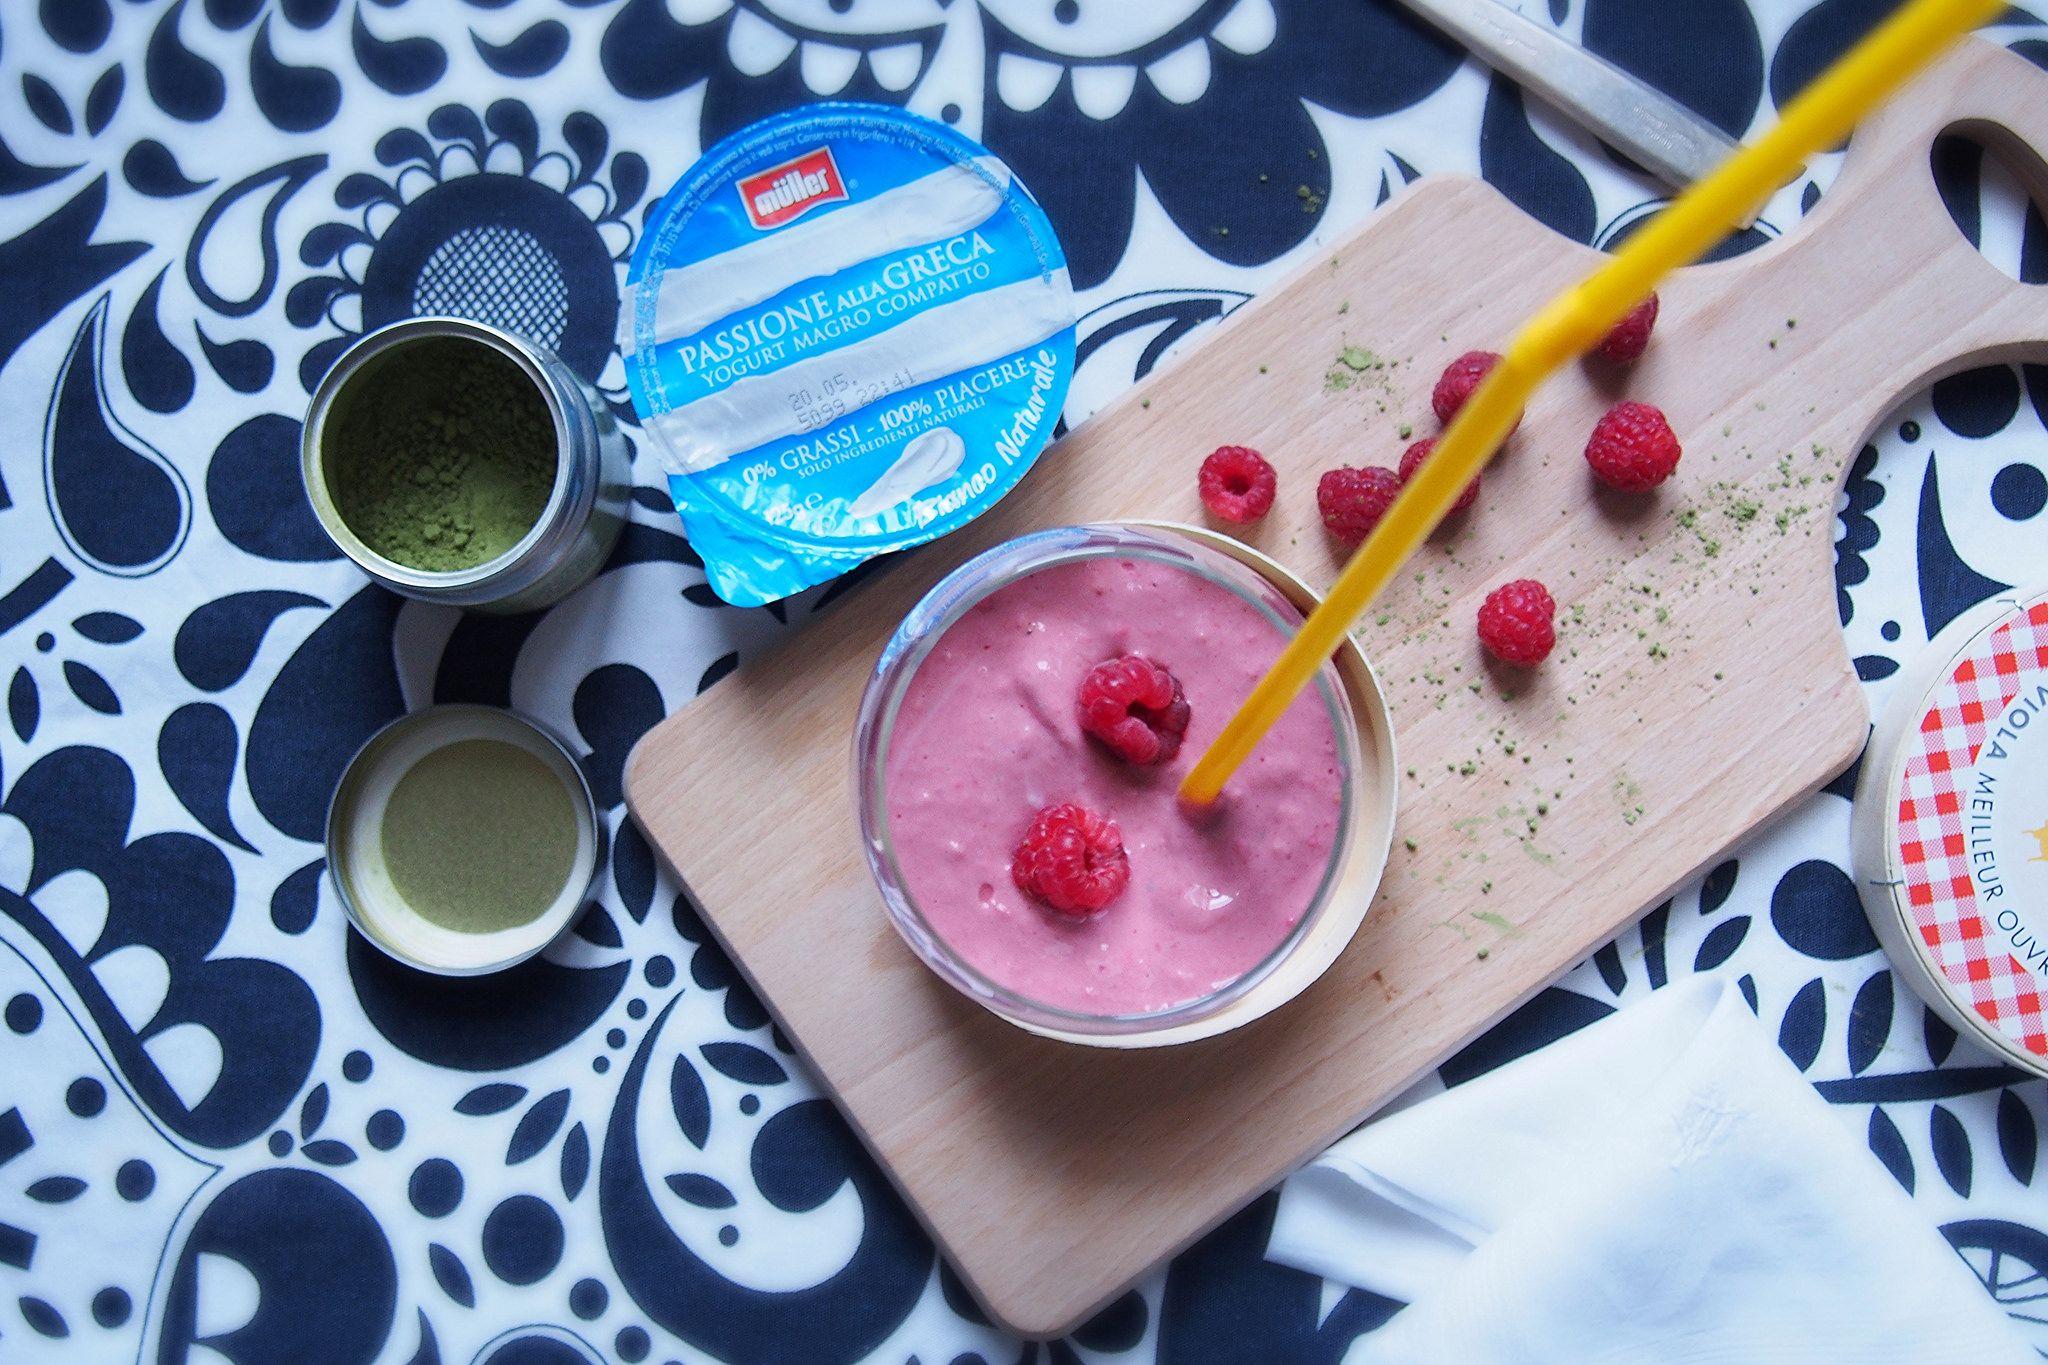 My Pink Smoothie: colazione energetica preparata con Passione alla greca bianco naturale 0% e lamponi